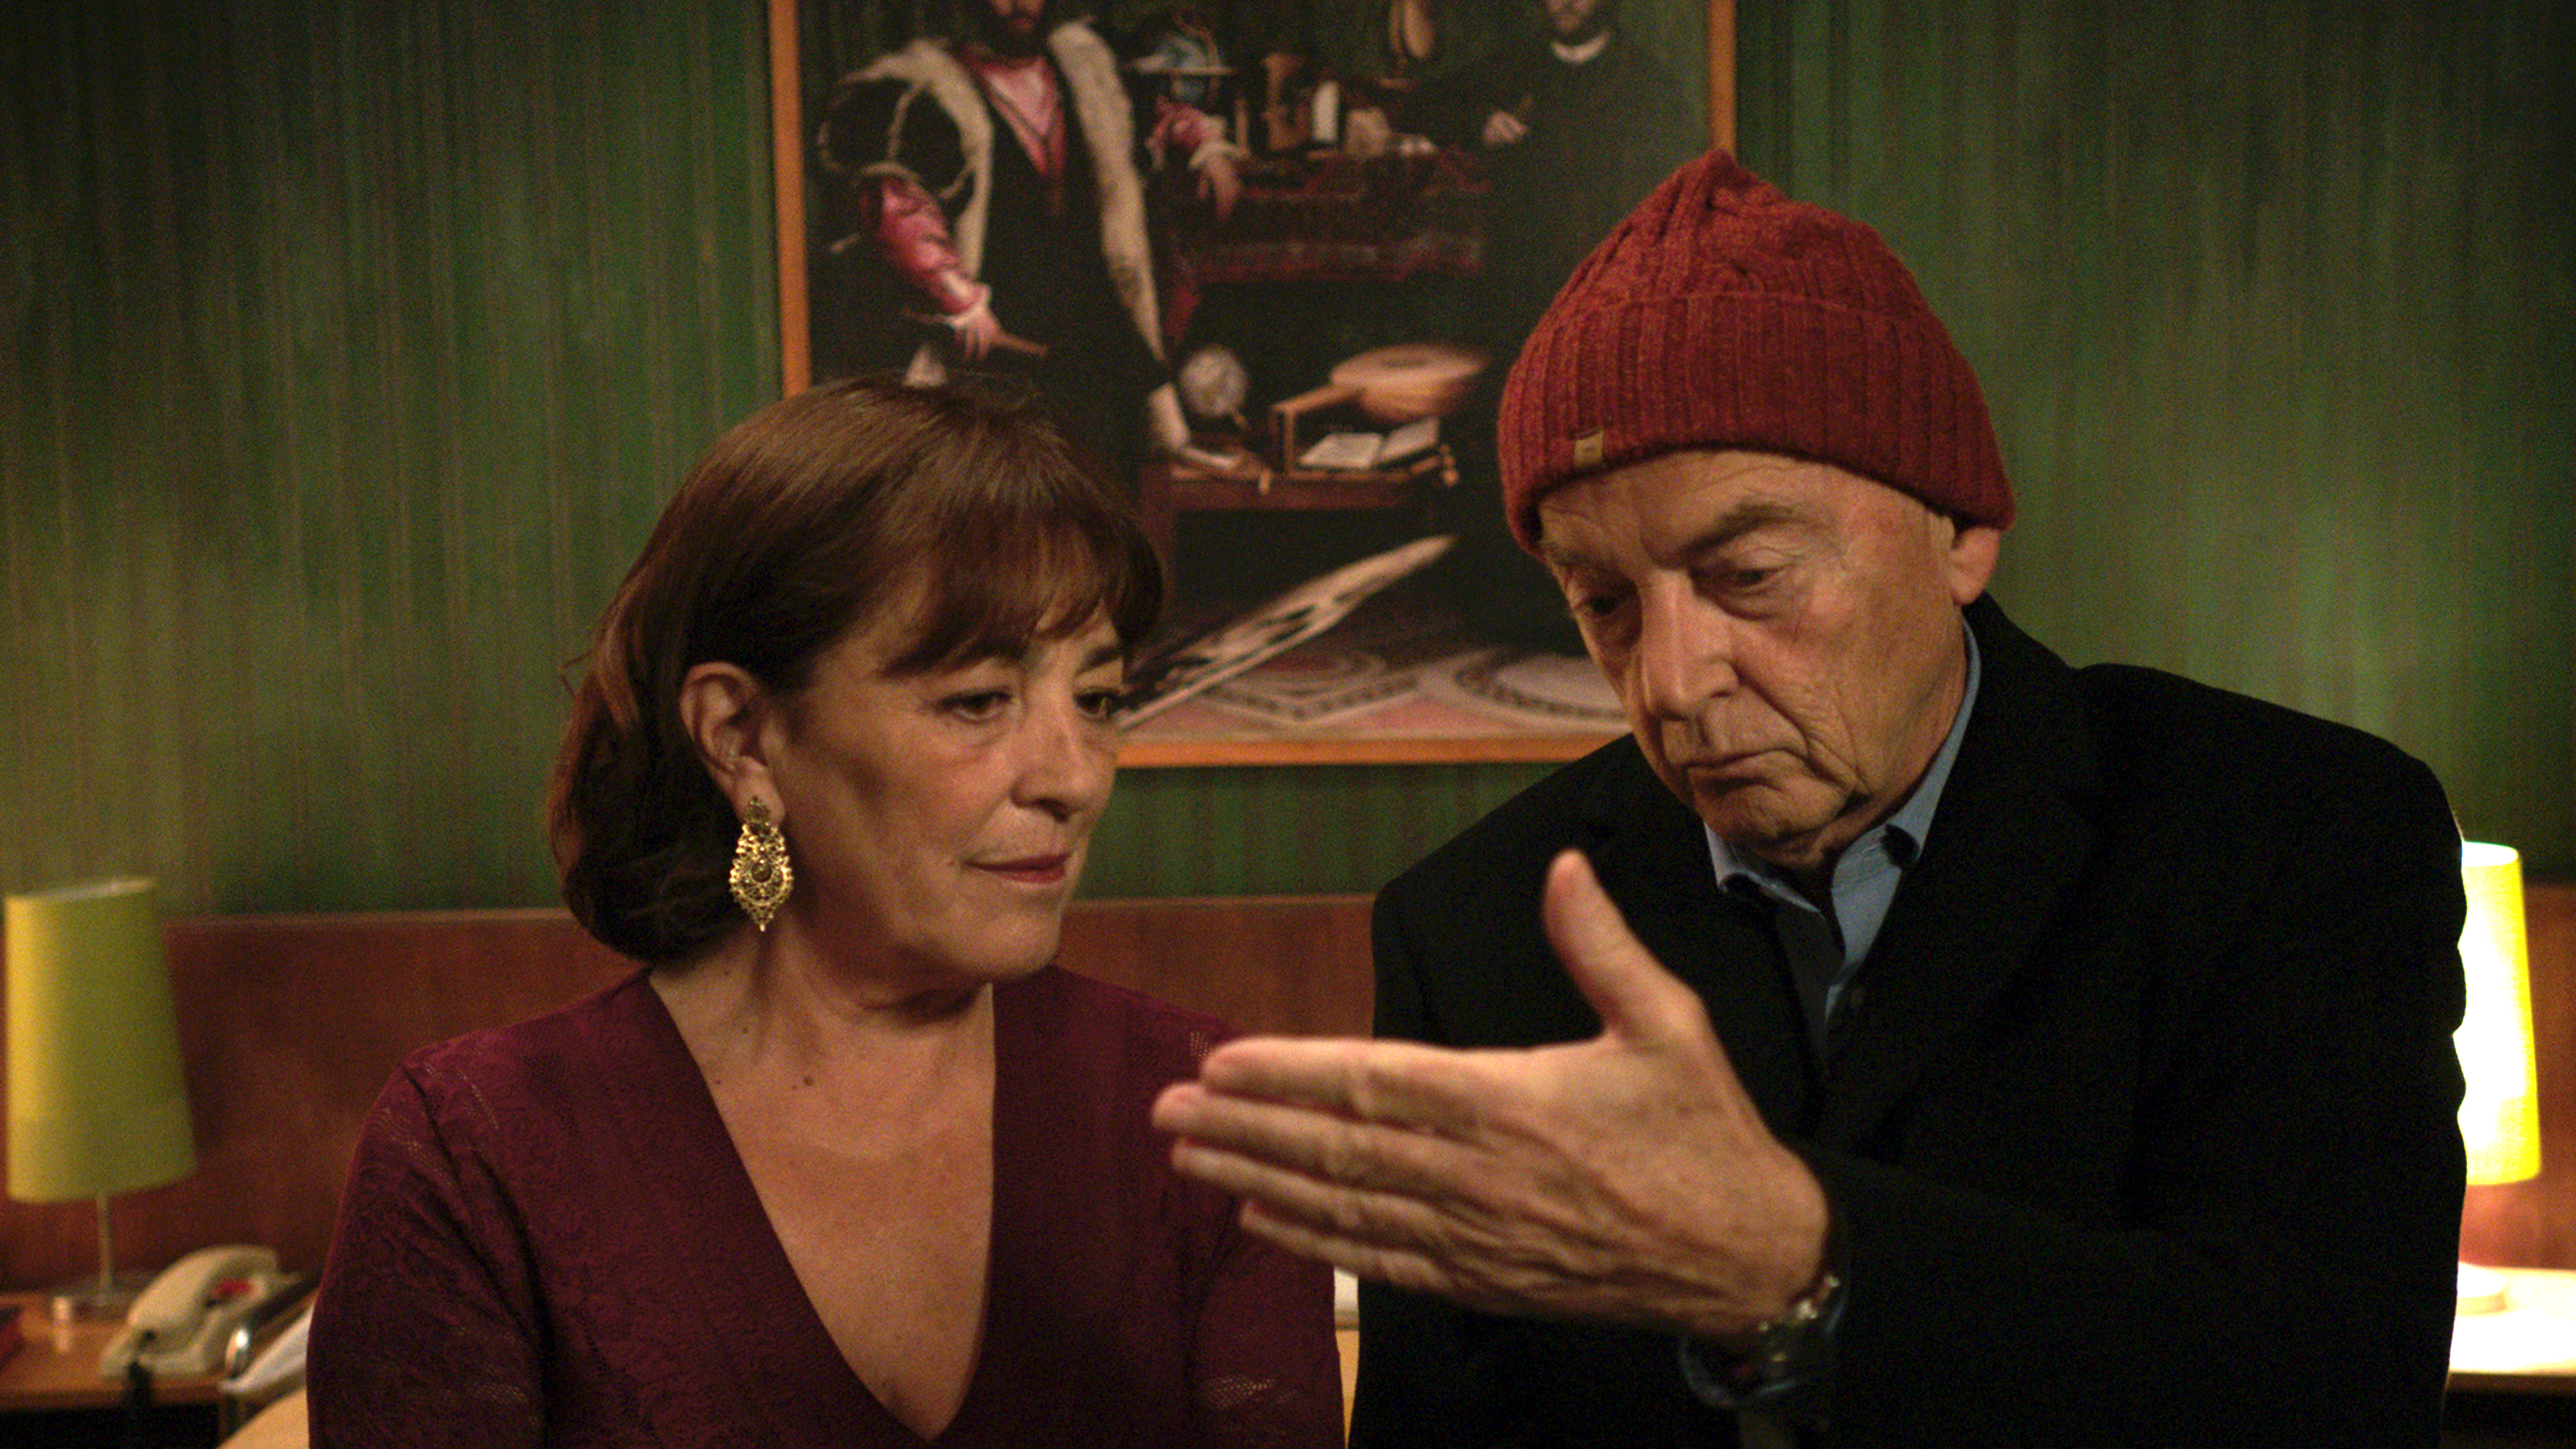 Kadr z filmu Pycha, starszy mężczyzna oraz kobieta siedzą, patrząc na rękę mężczyzny